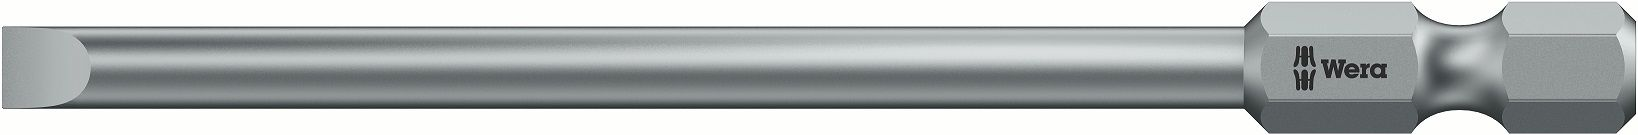 Atsuktuvo antgalis plokščias 0.5x3.0x50mm 800/4 Z, 059305 Wera